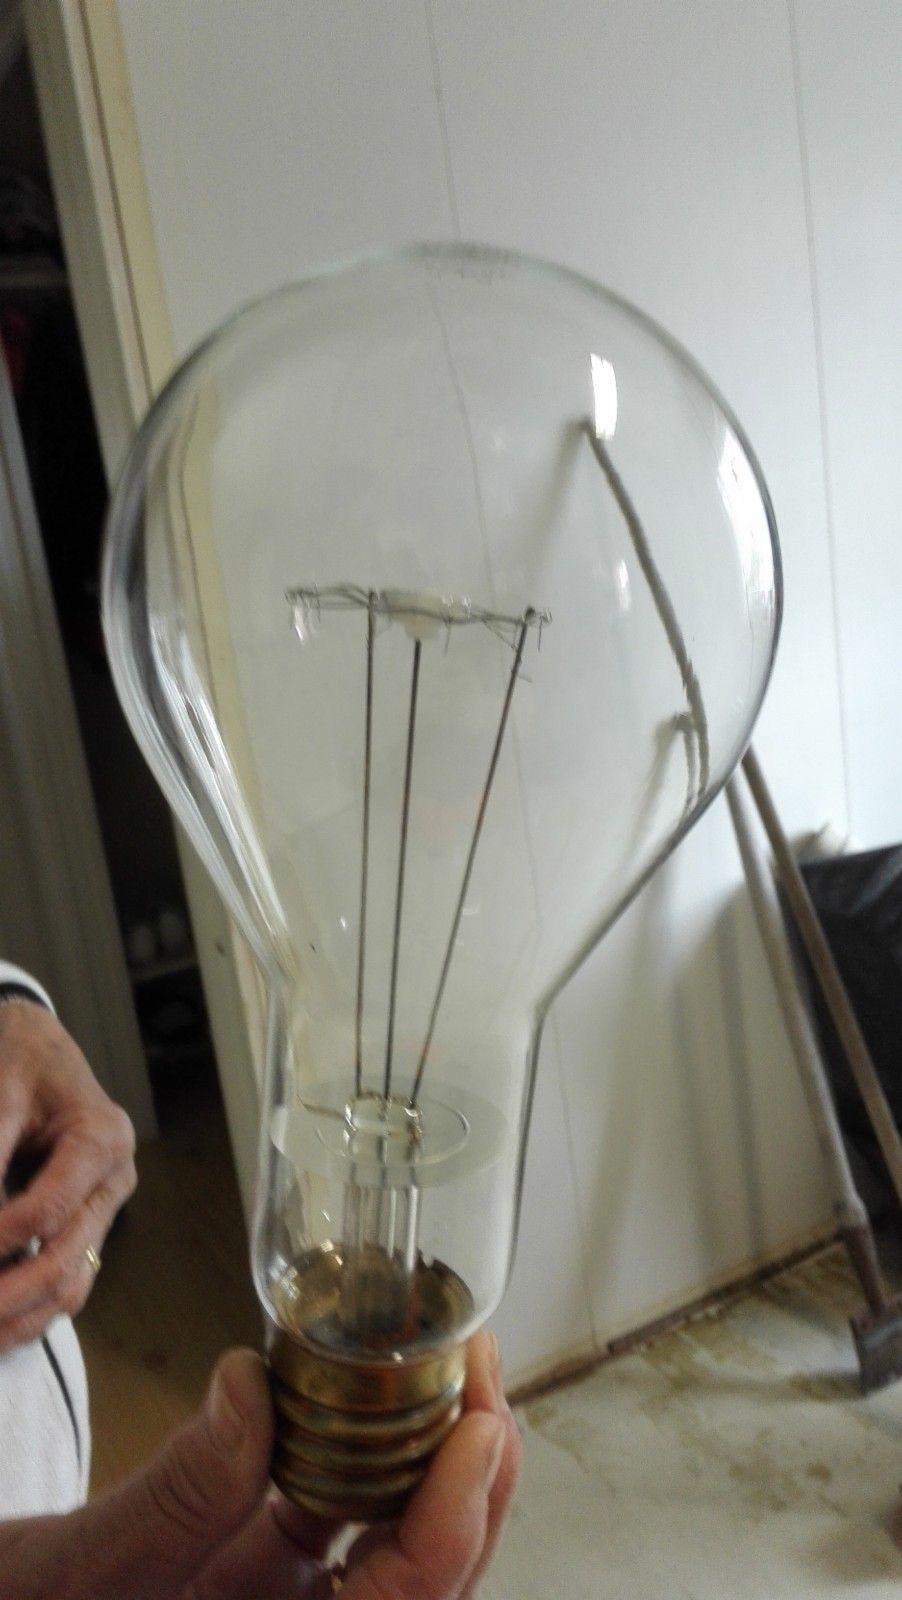 500w glødepærer, E40 sokkel, (230v) - Søre Osen  - 2stk gammeldagse glødepærer på 500 watt.  E40 sokkel.   Må hentes Søre Osen i Trysil. - Søre Osen